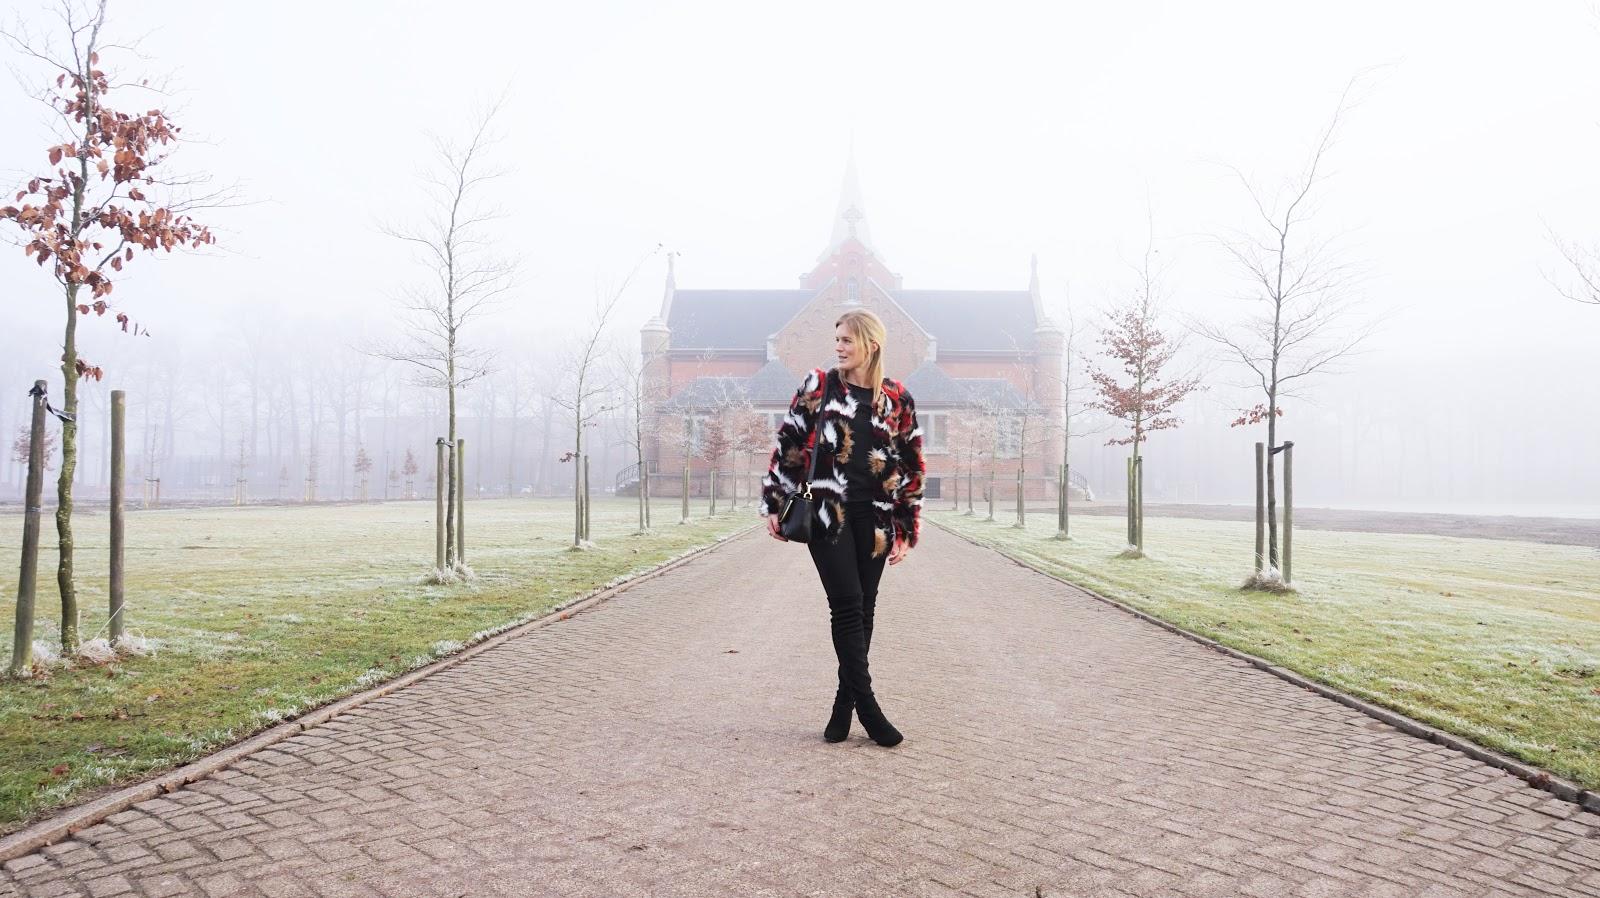 DSC02863 | Eline Van Dingenen